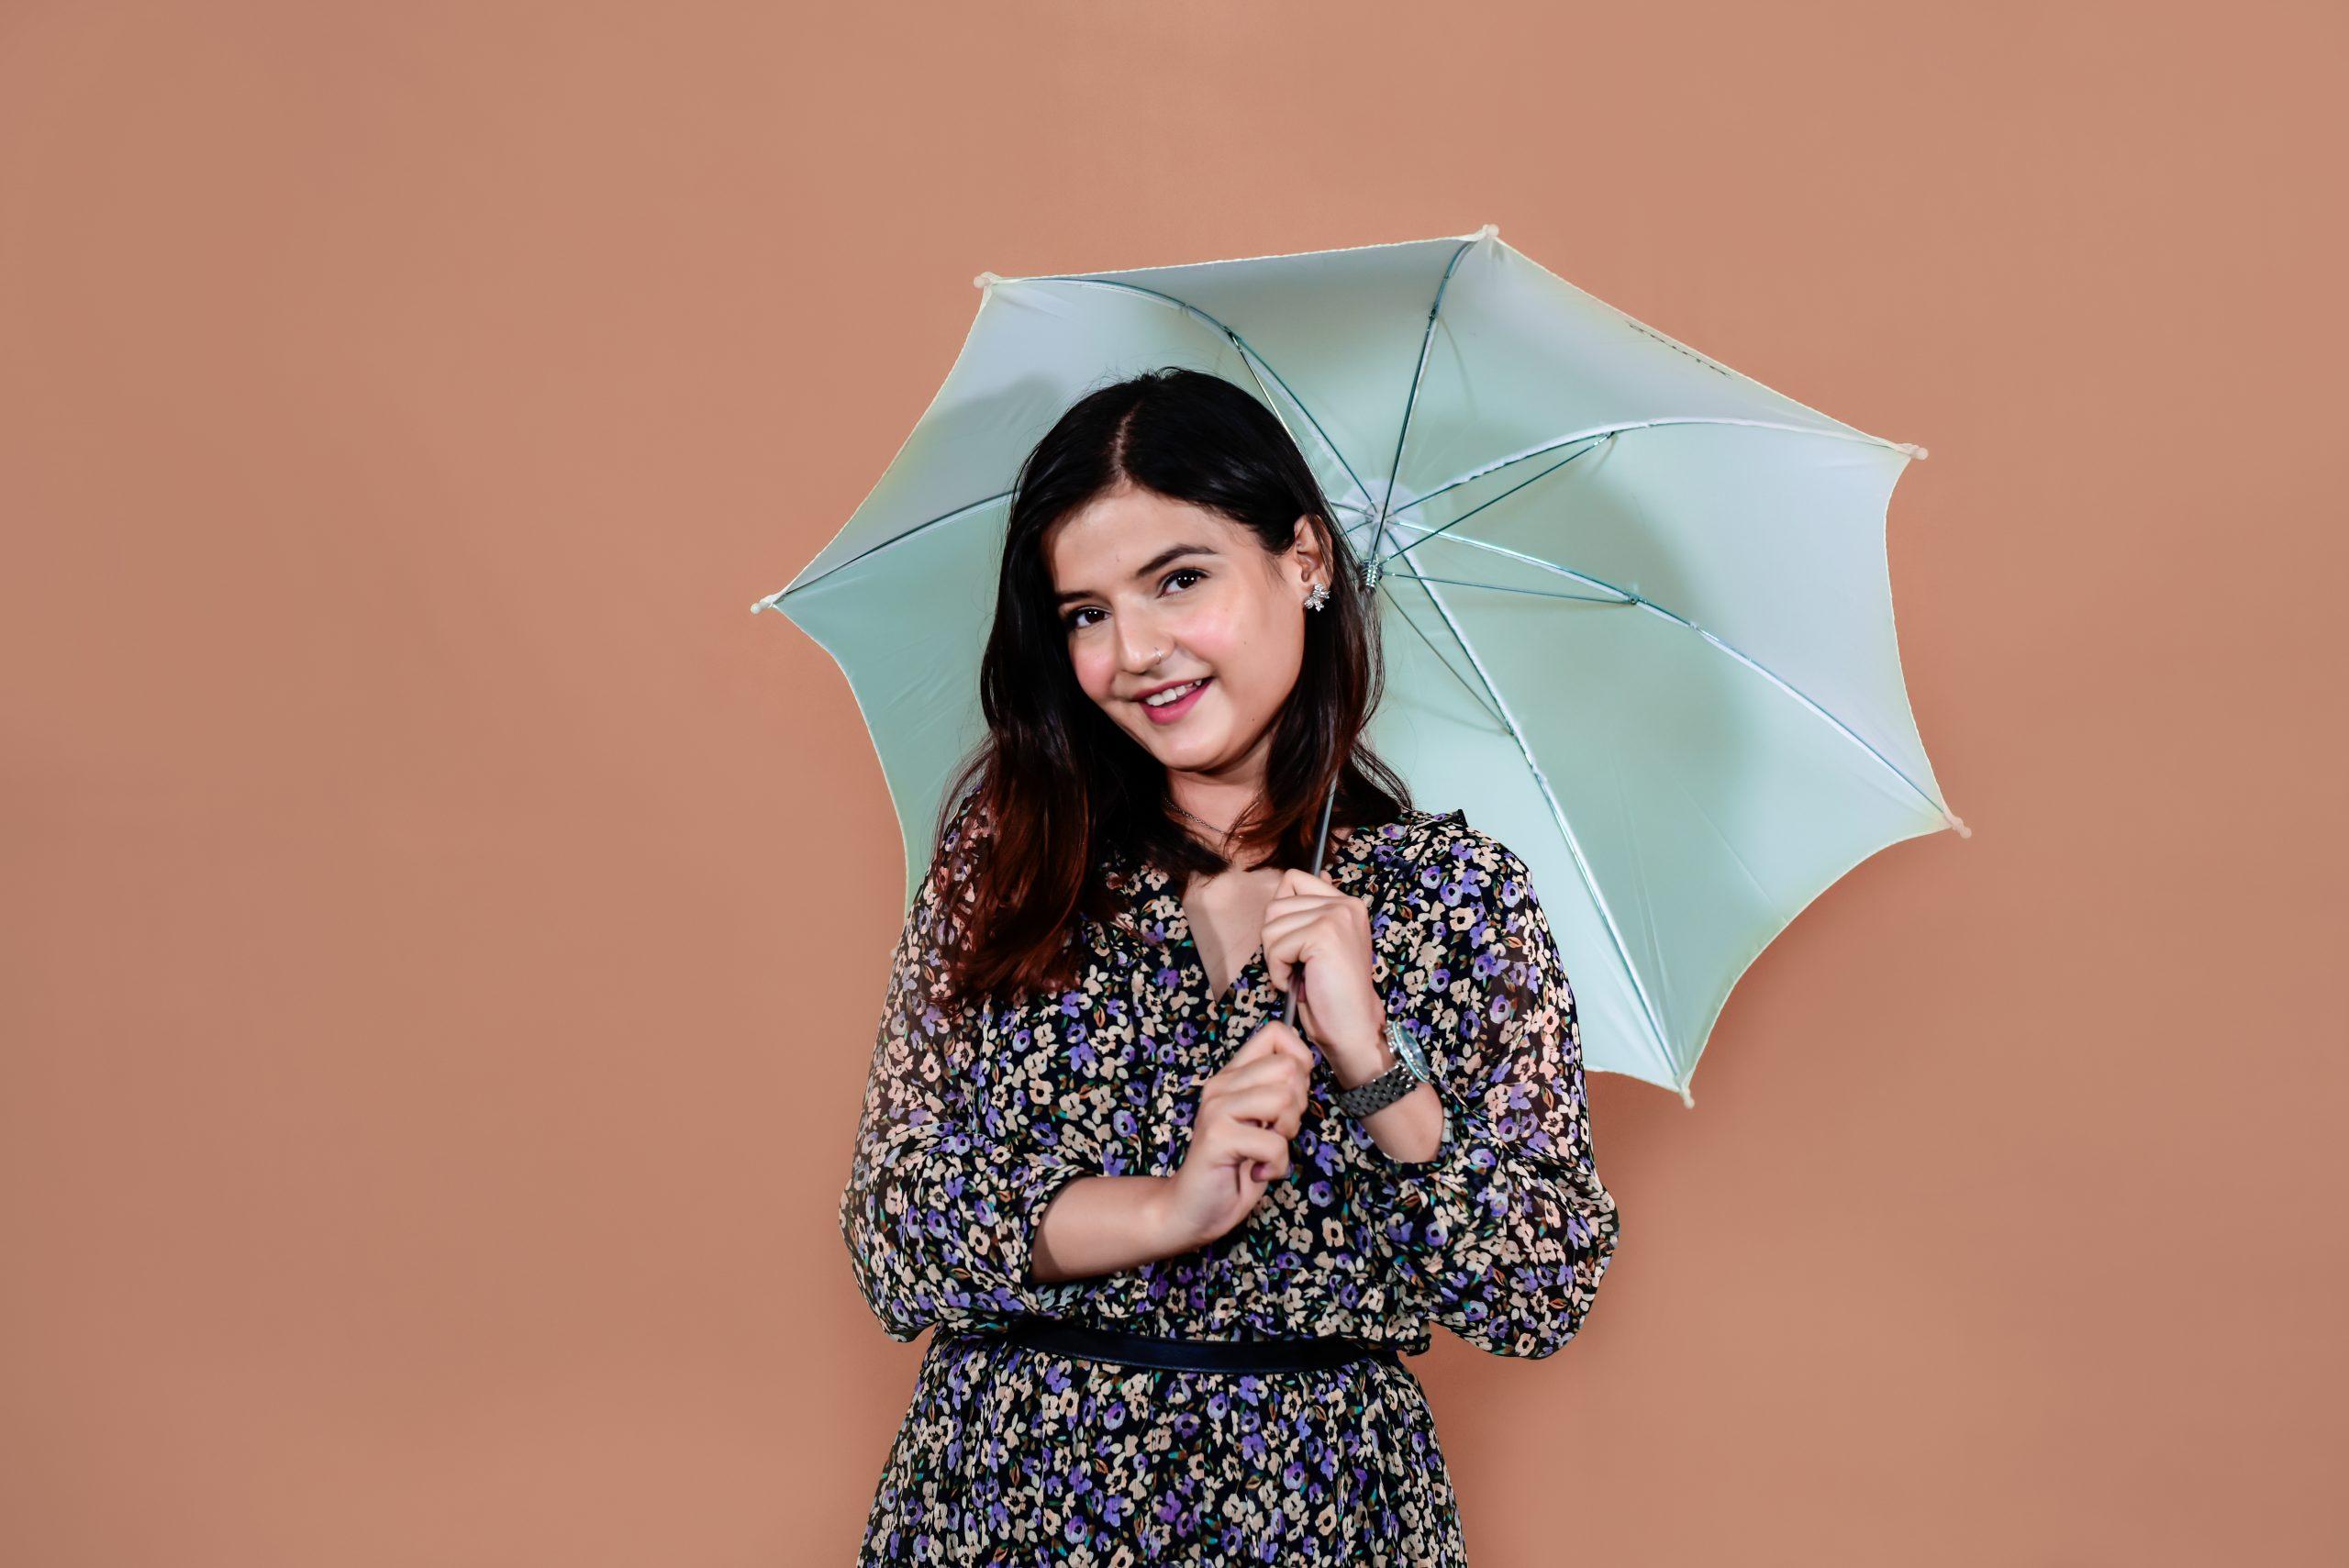 A girl with a umbrella